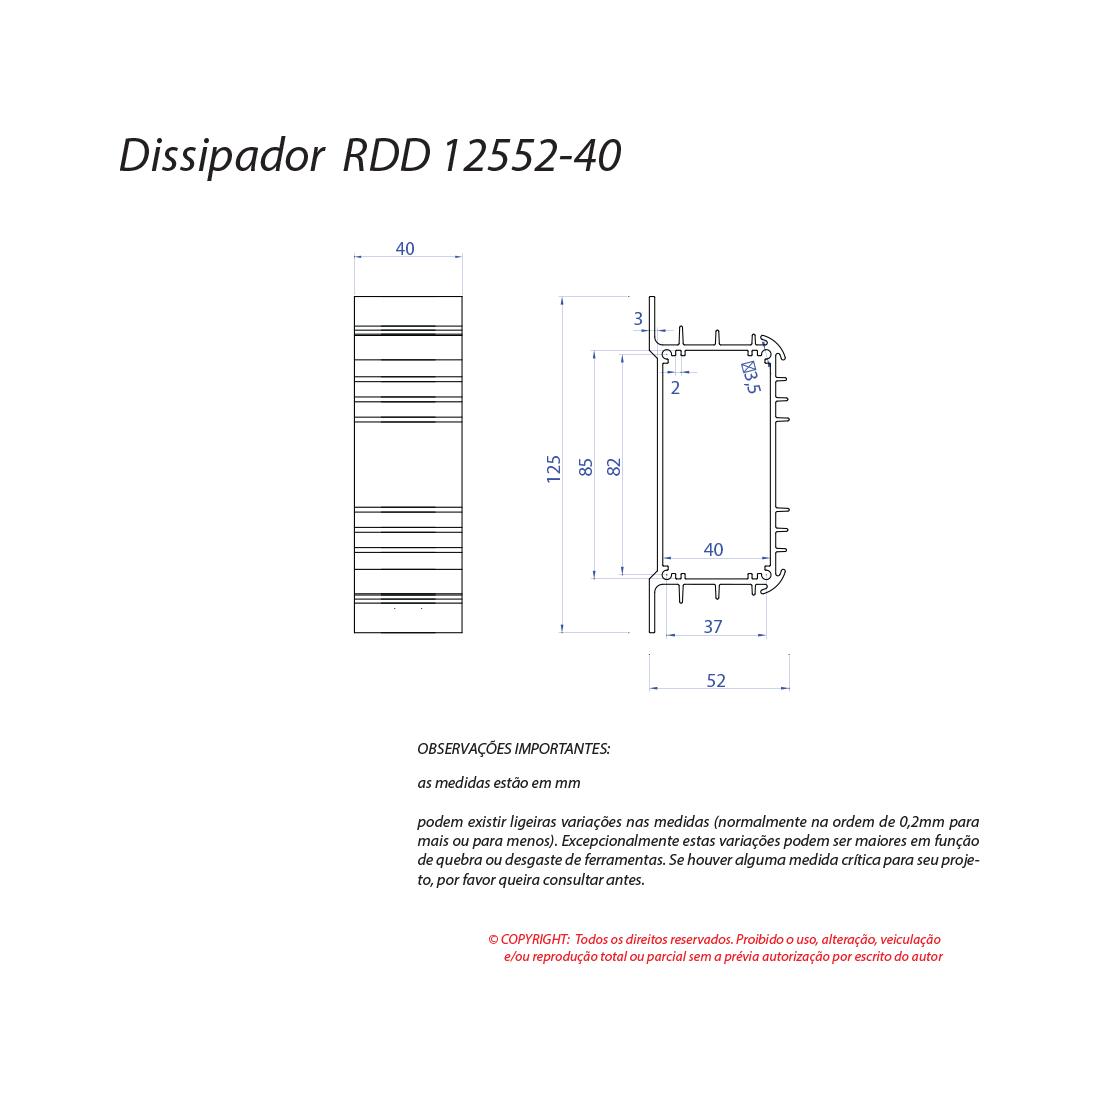 Dissipador de calor RDD 12552-40